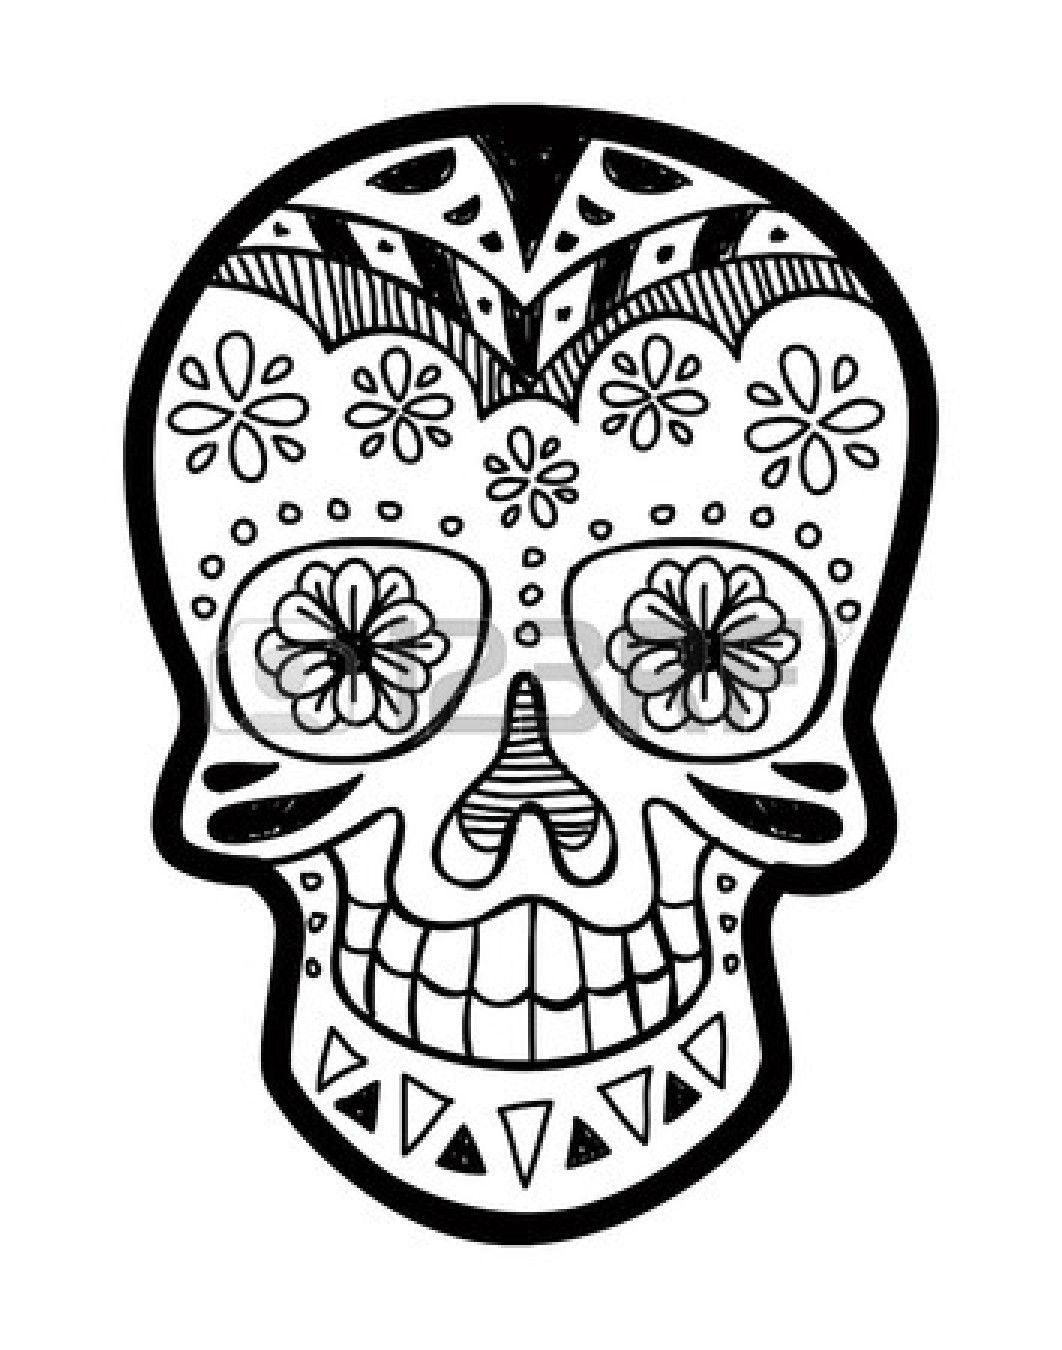 Sugar Skull Royalty Free Cliparts, Vectors, And Stock ...